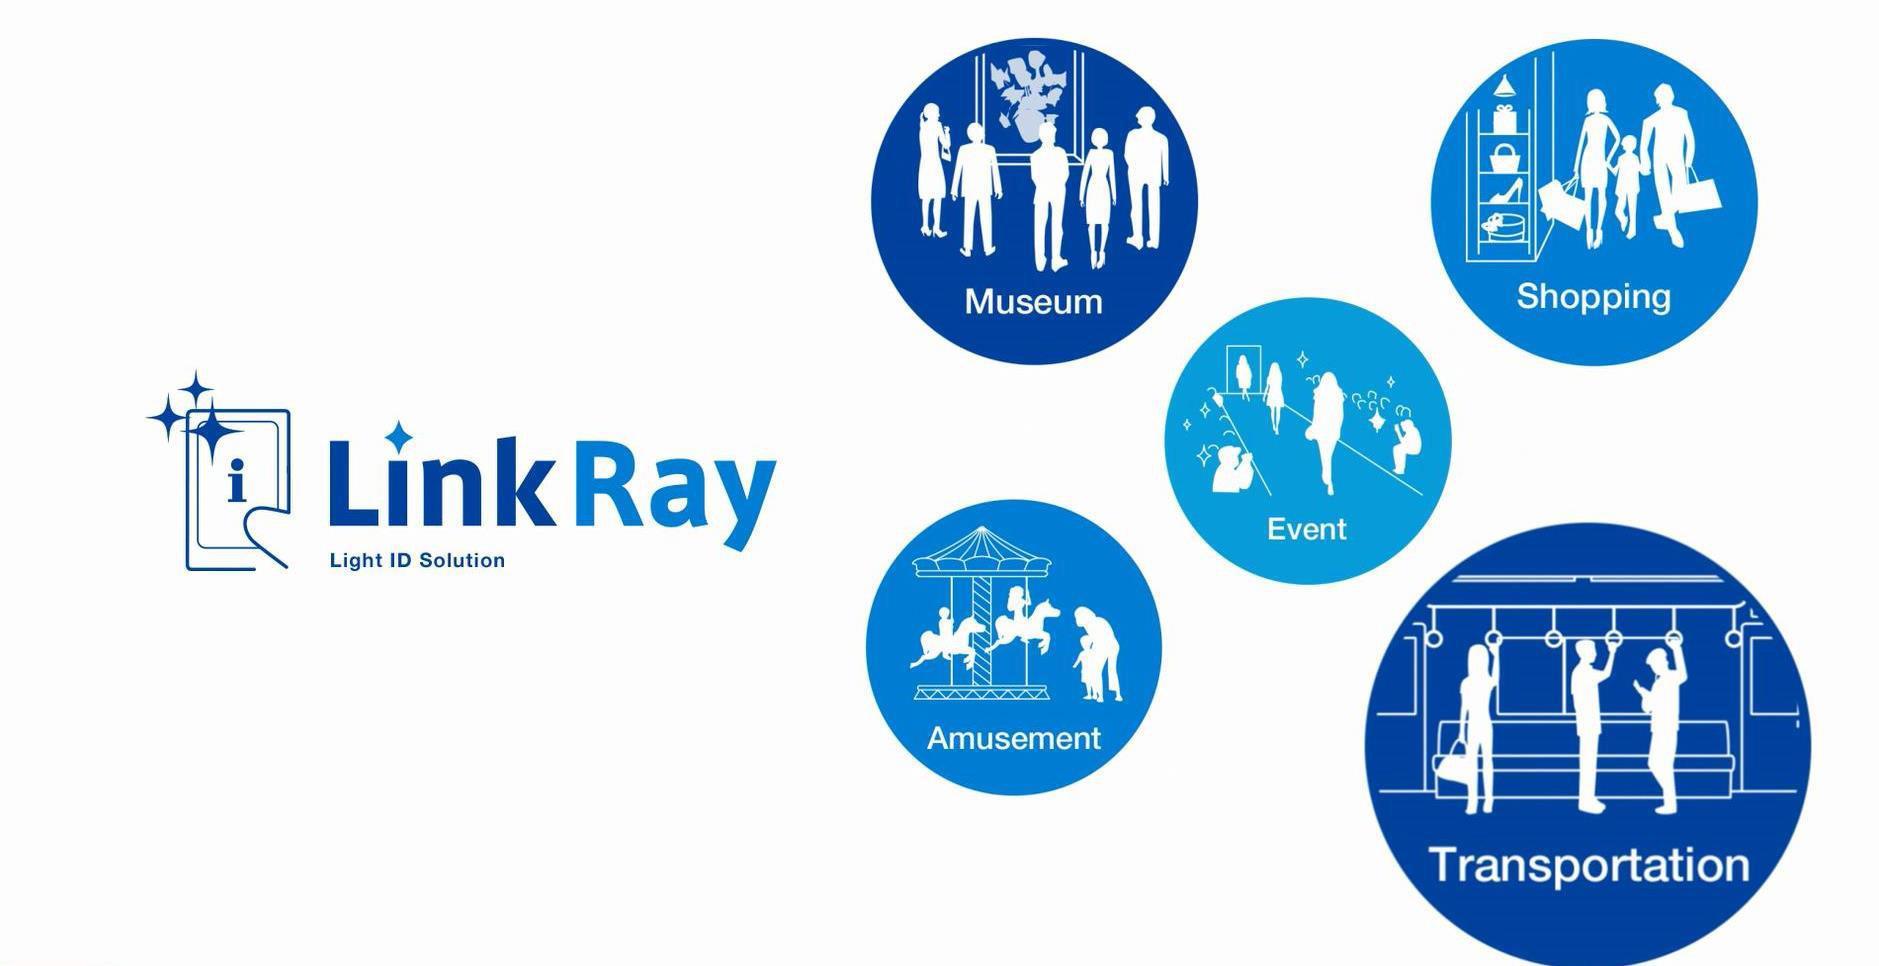 パナソニックが光を用いたコミュニケーション技術「光ID」の新愛称「LinkRay」を発表